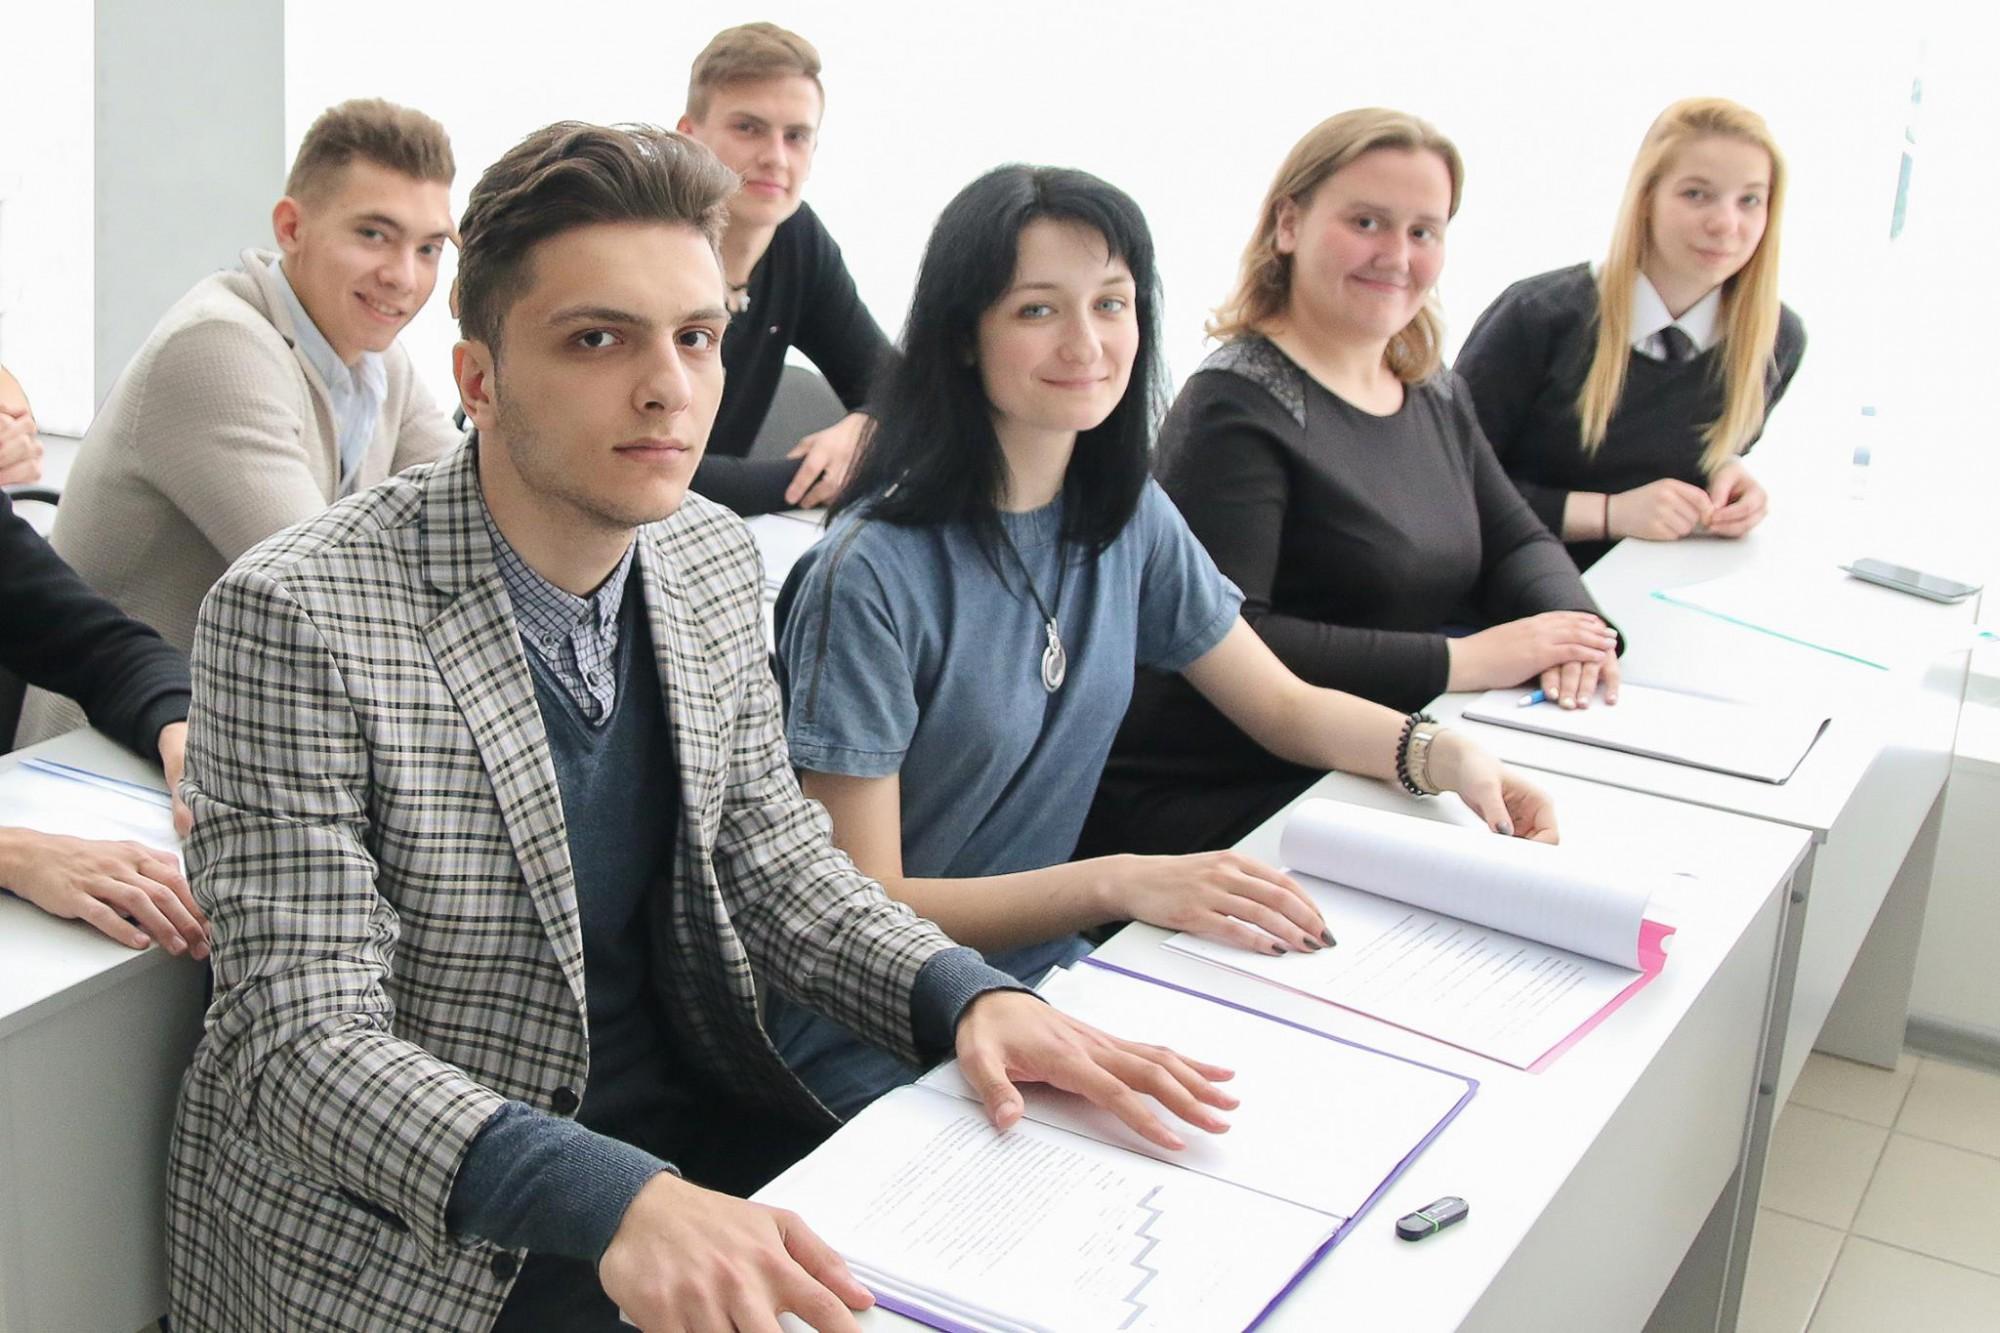 Институт фотографии в москве высшее заочно которым практически